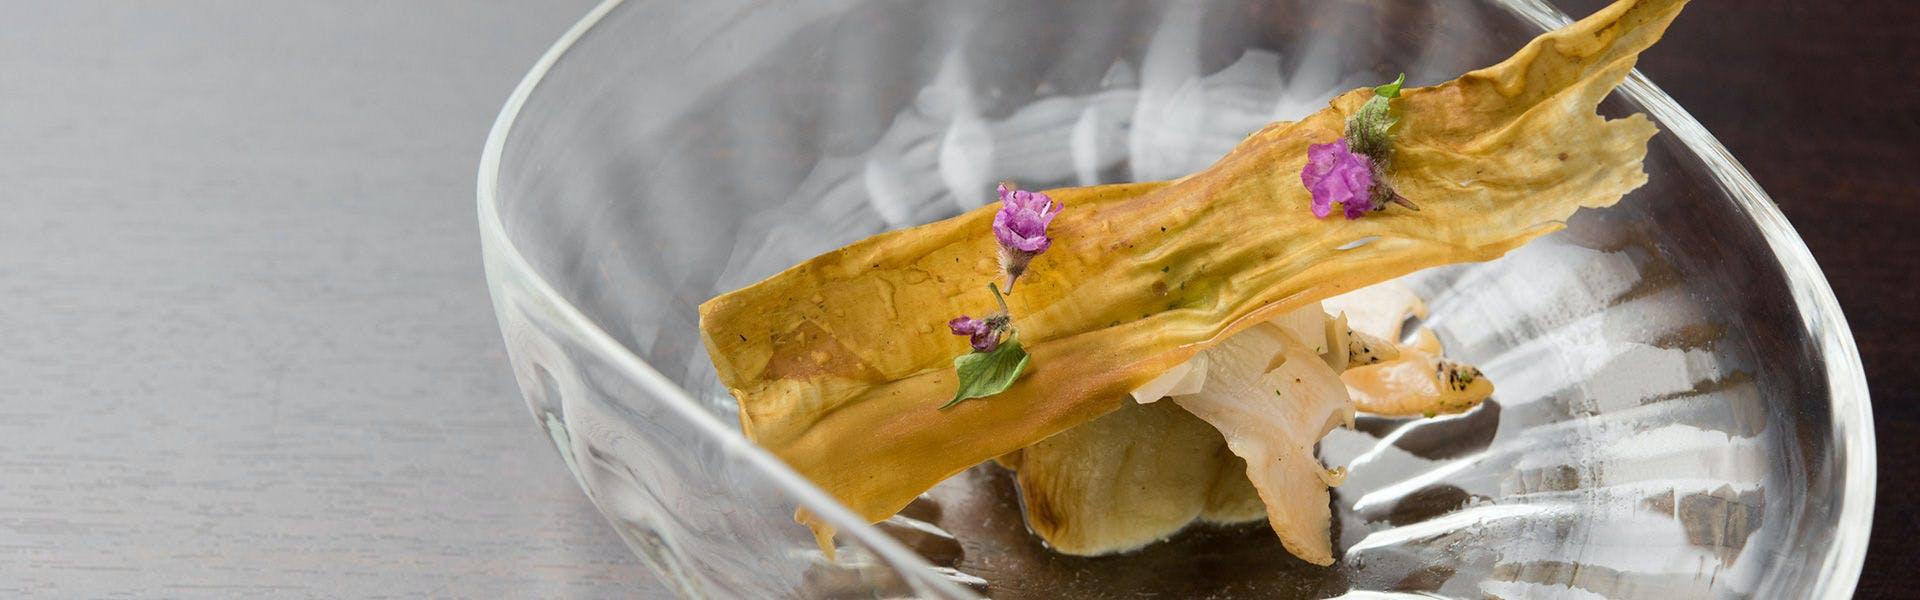 記念日におすすめのホテル・【東山のオーベルジュ 薪の音 金澤】の写真3